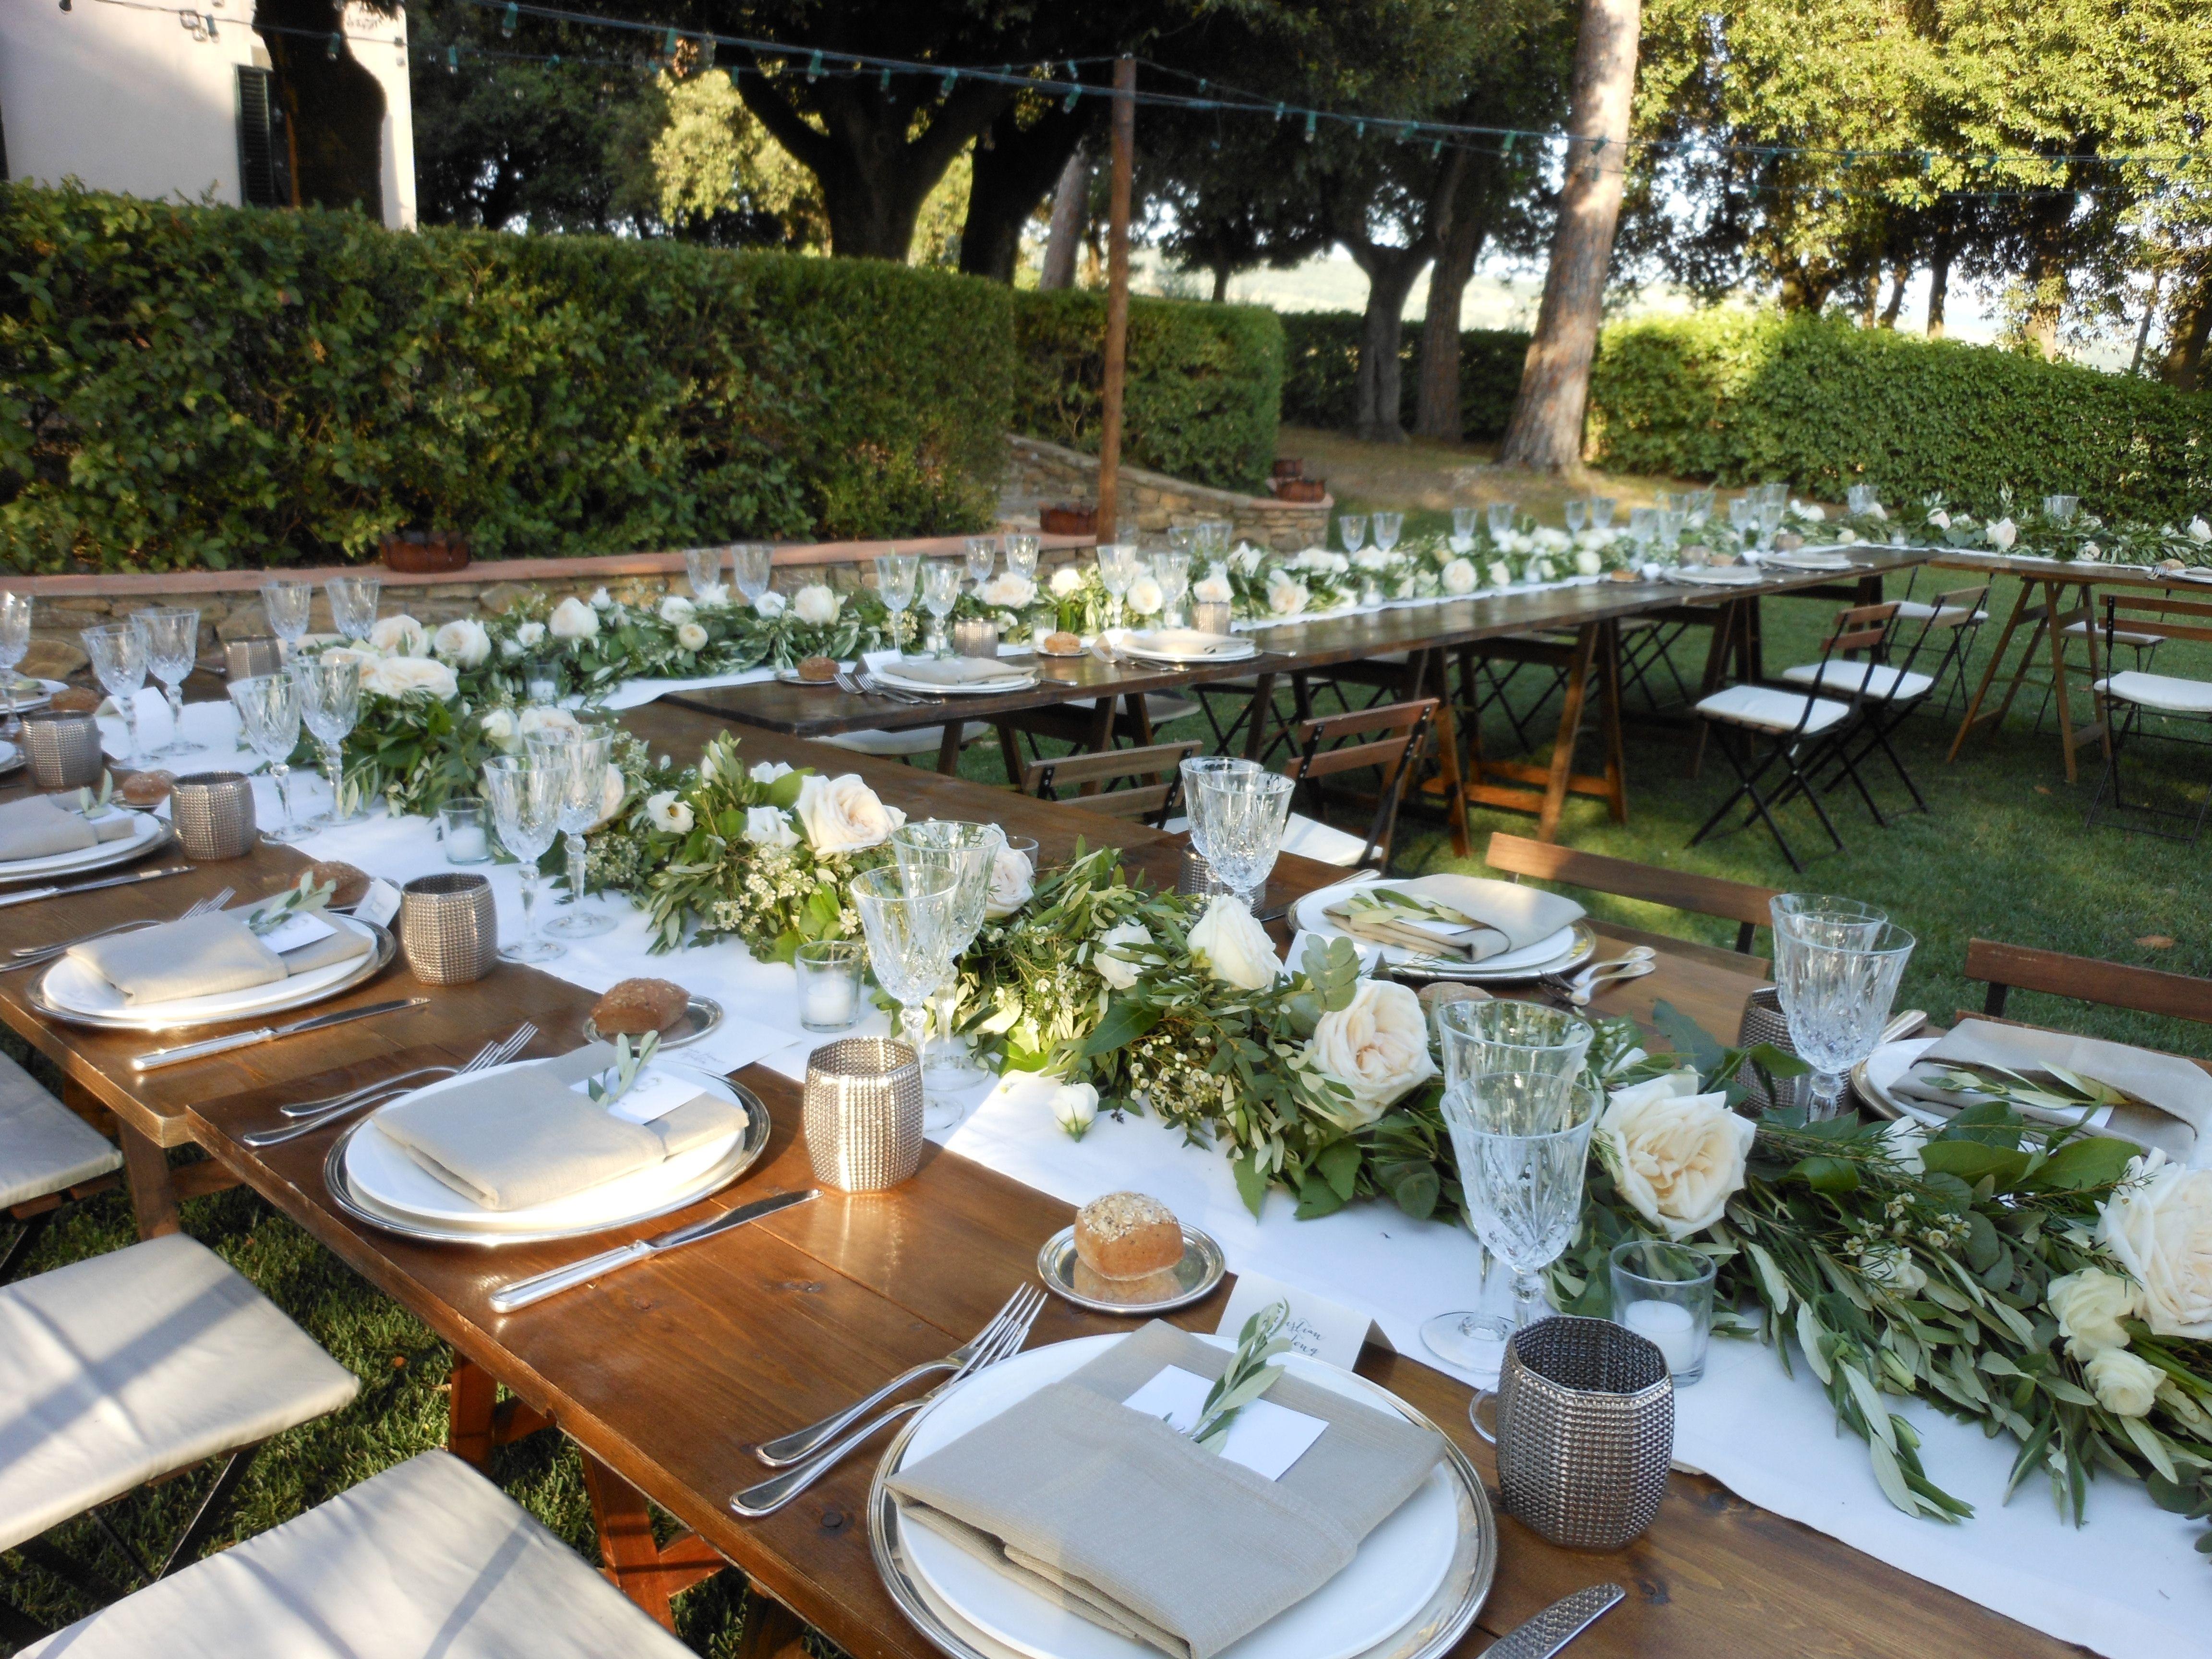 Tavolo Imperiale ~ Tavolo imperiale wedding wedding tables wedding